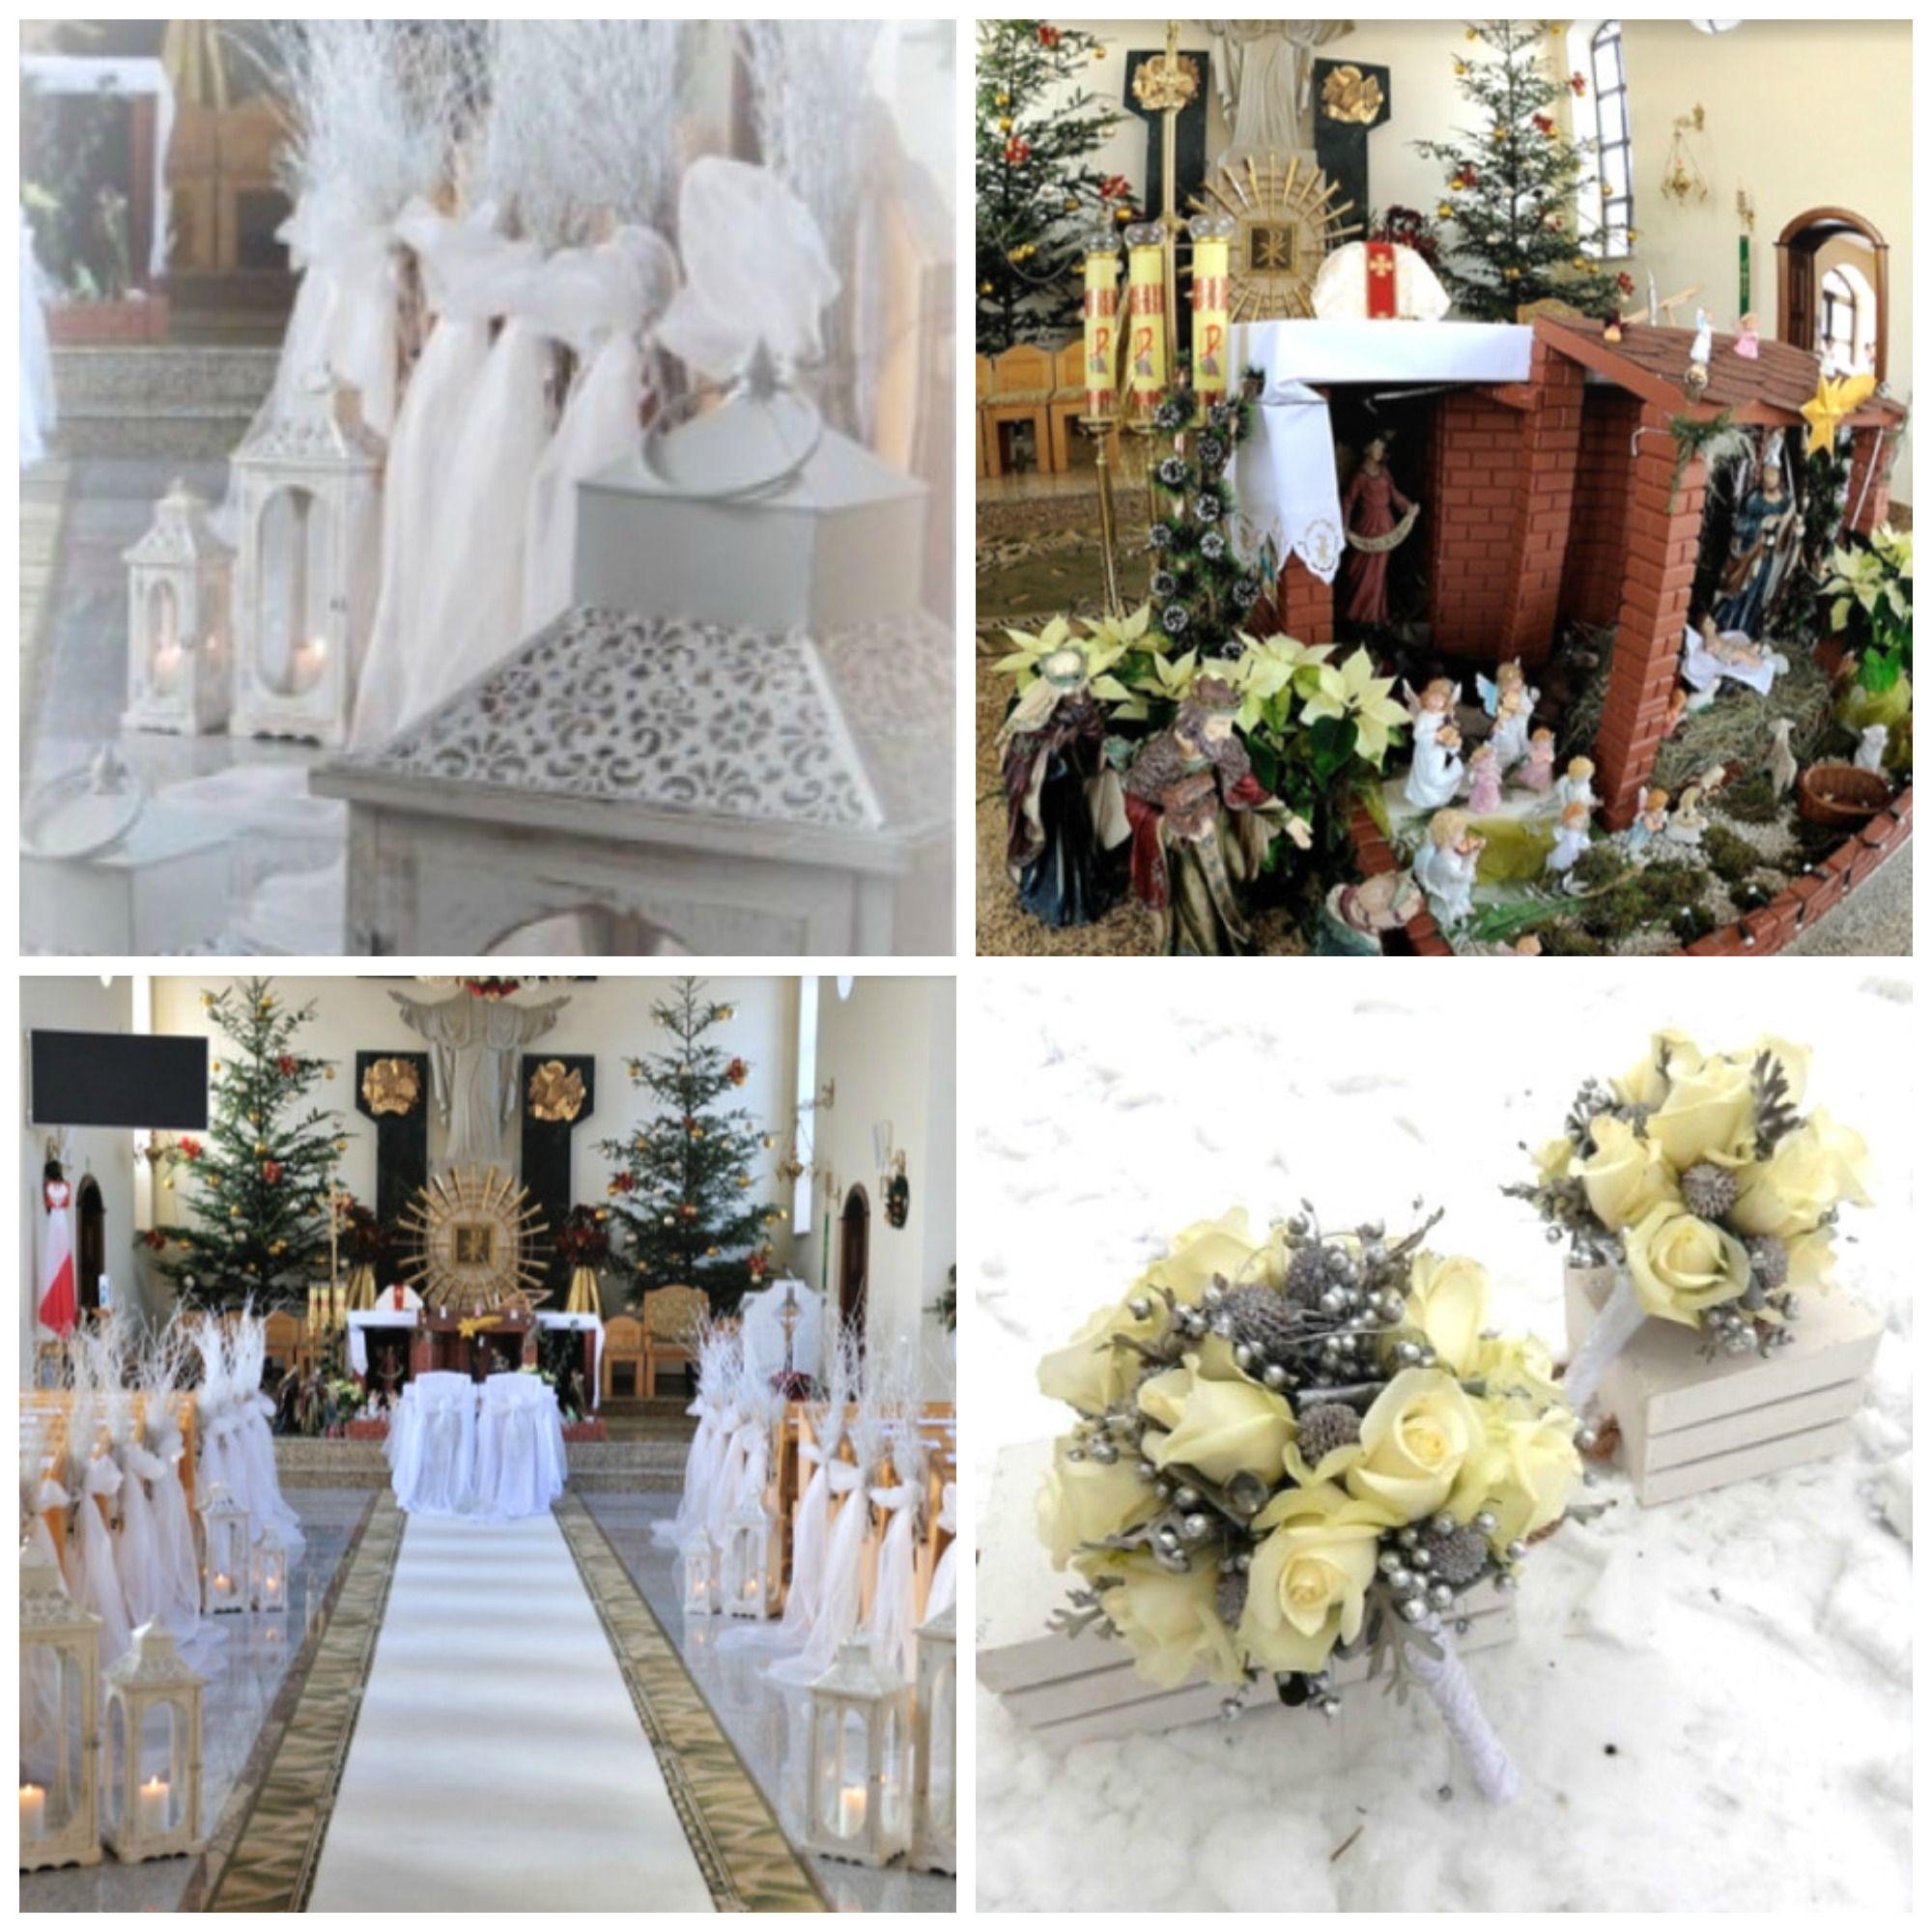 ślub W Styczniu Jak Zorganizować ślub Zimą Relacja Pary Młodej